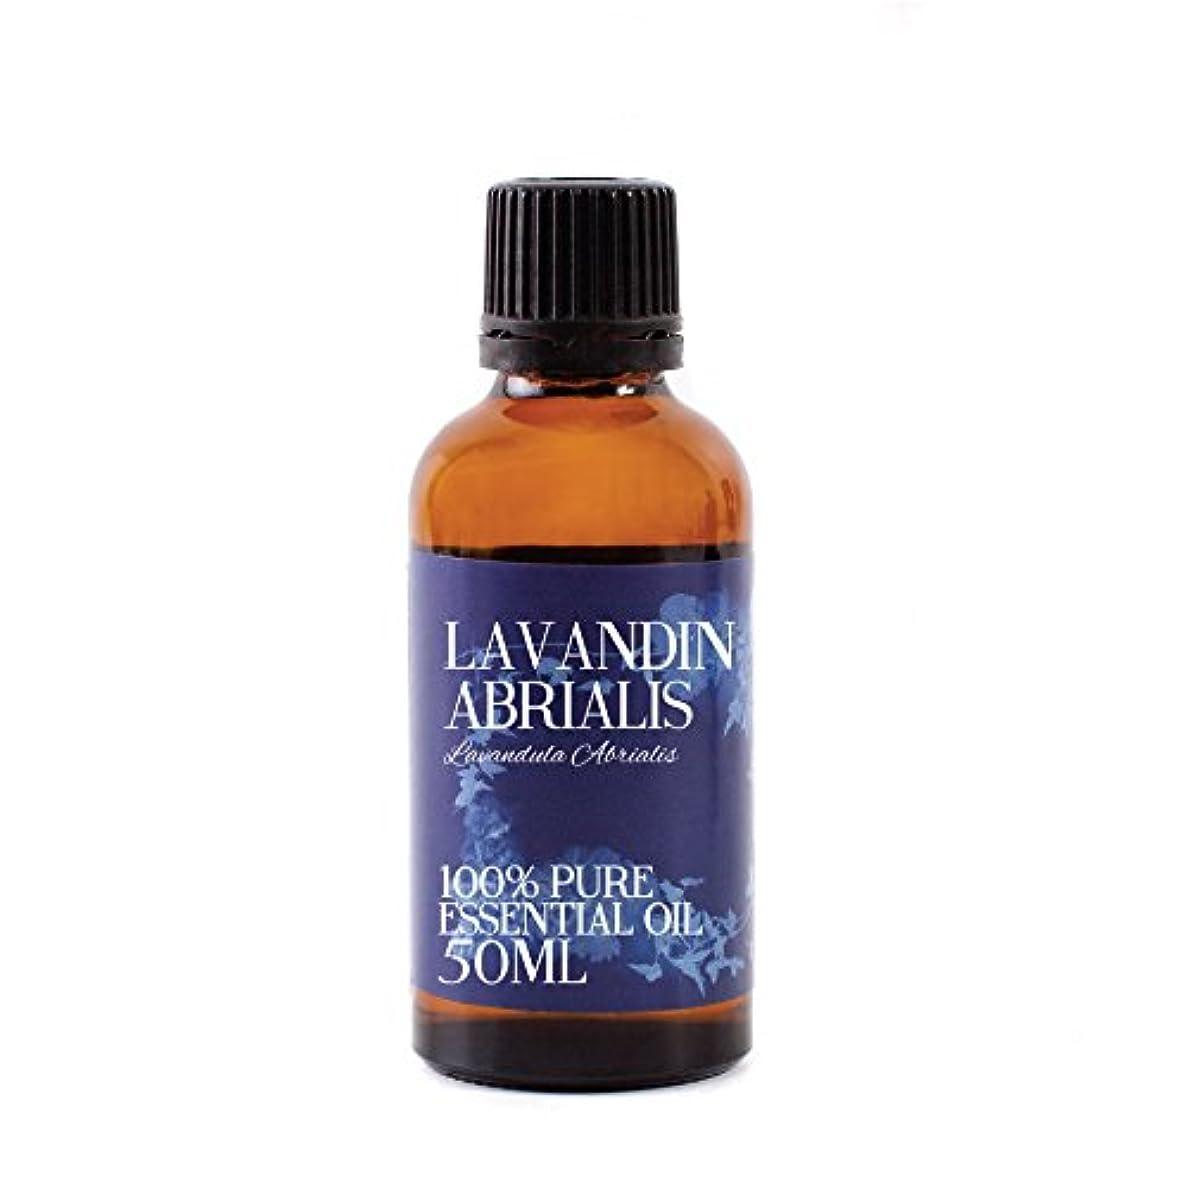 ゴム薬局文明Mystic Moments   Lavandin Abrialis Essential Oil - 50ml - 100% Pure